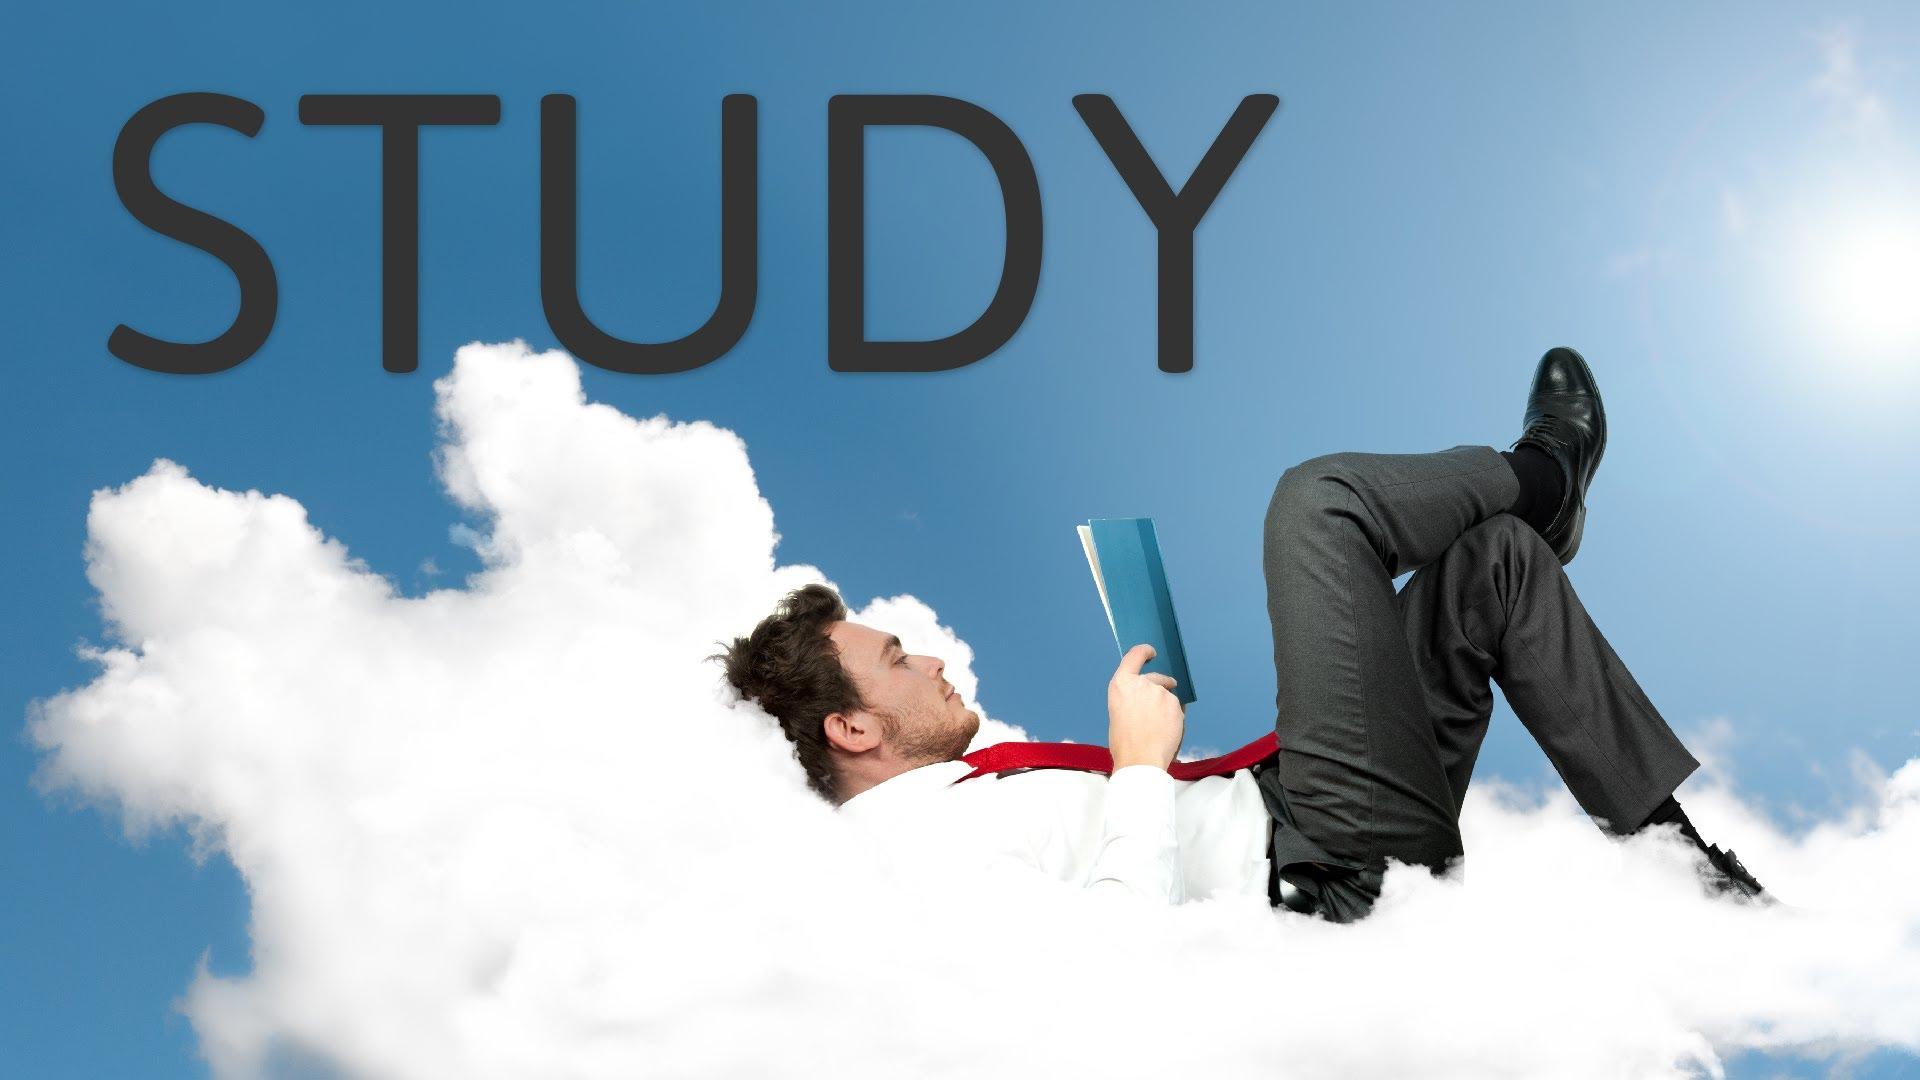 صوره جدول مذاكرة الثانوية العامة وتنظيم النوم نصائح هامة لطلاب